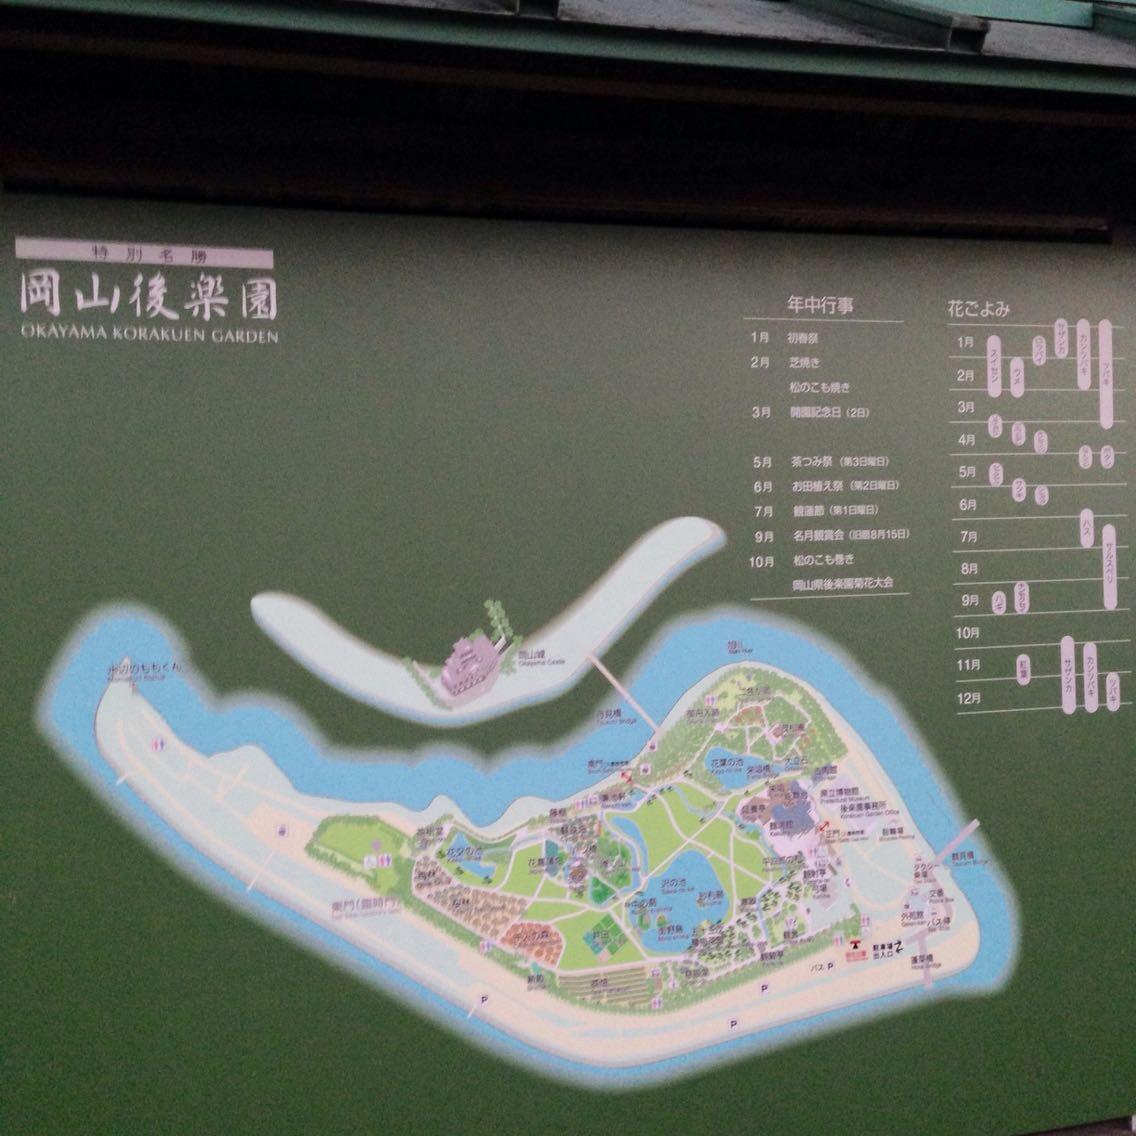 岡山後楽園・夏の世をイルミネーションが彩る「幻想庭園」夏休みの思い出にどうぞ。